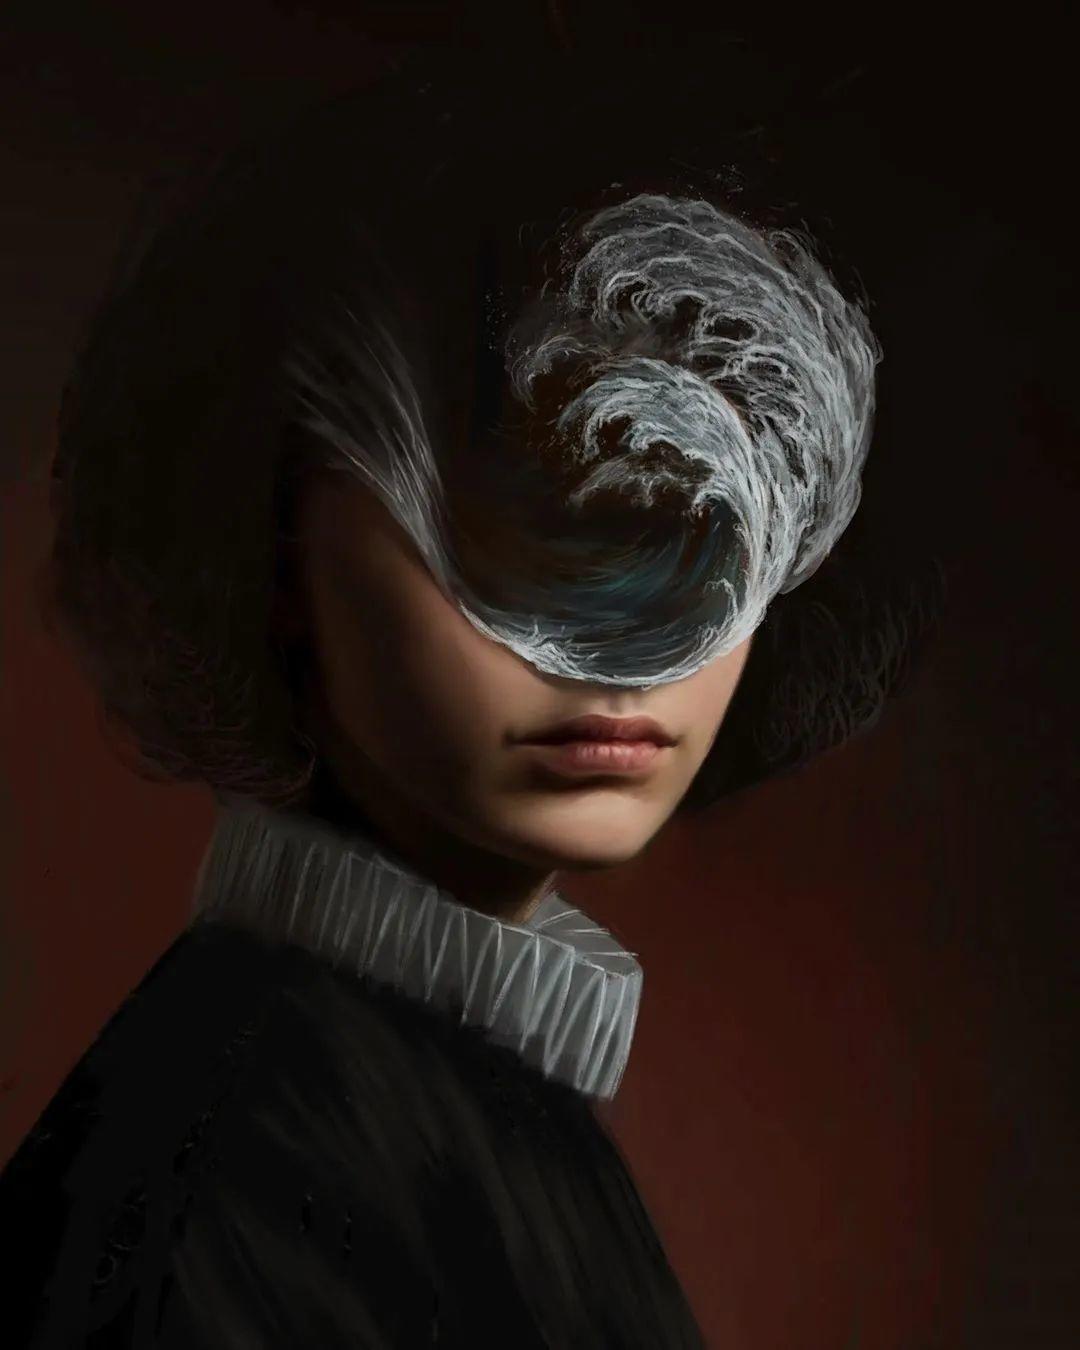 令人惊异的超现实主义肖像画,好有创意!插图13